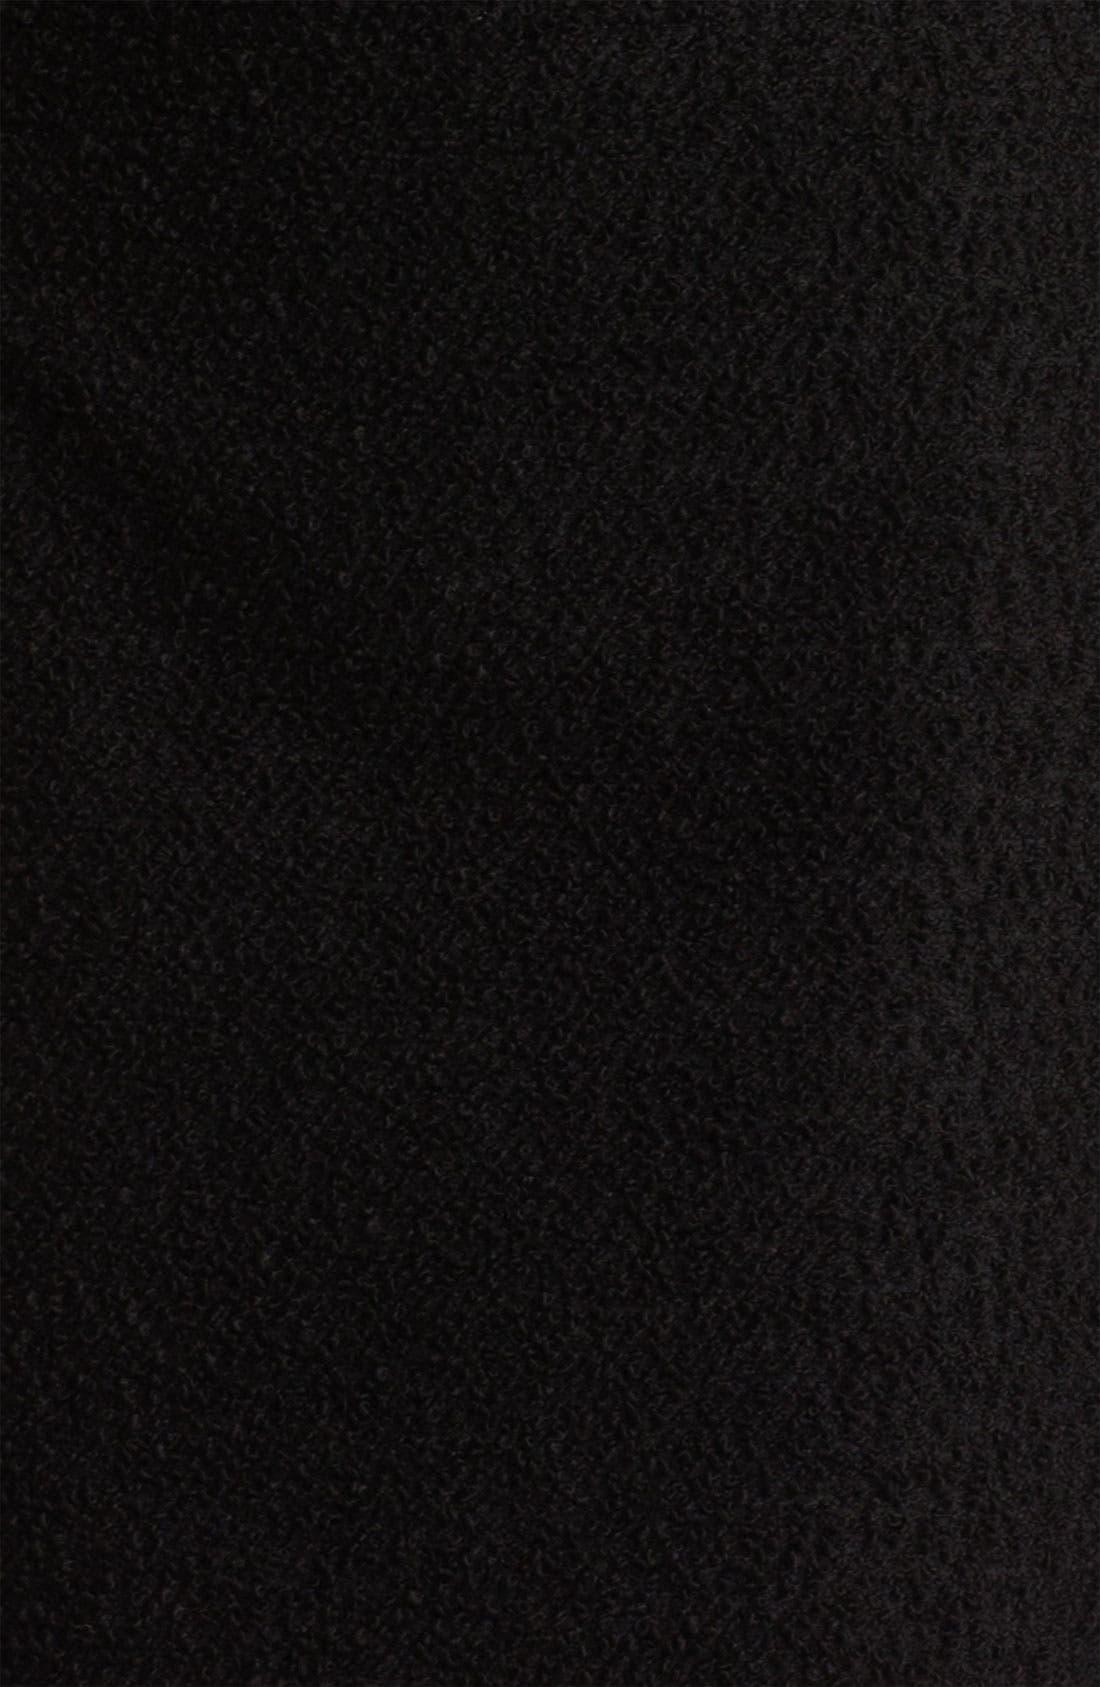 Alternate Image 3  - Diane von Furstenberg 'Ronaldo' Wool Blend Shift Dress (Online Exclusive)